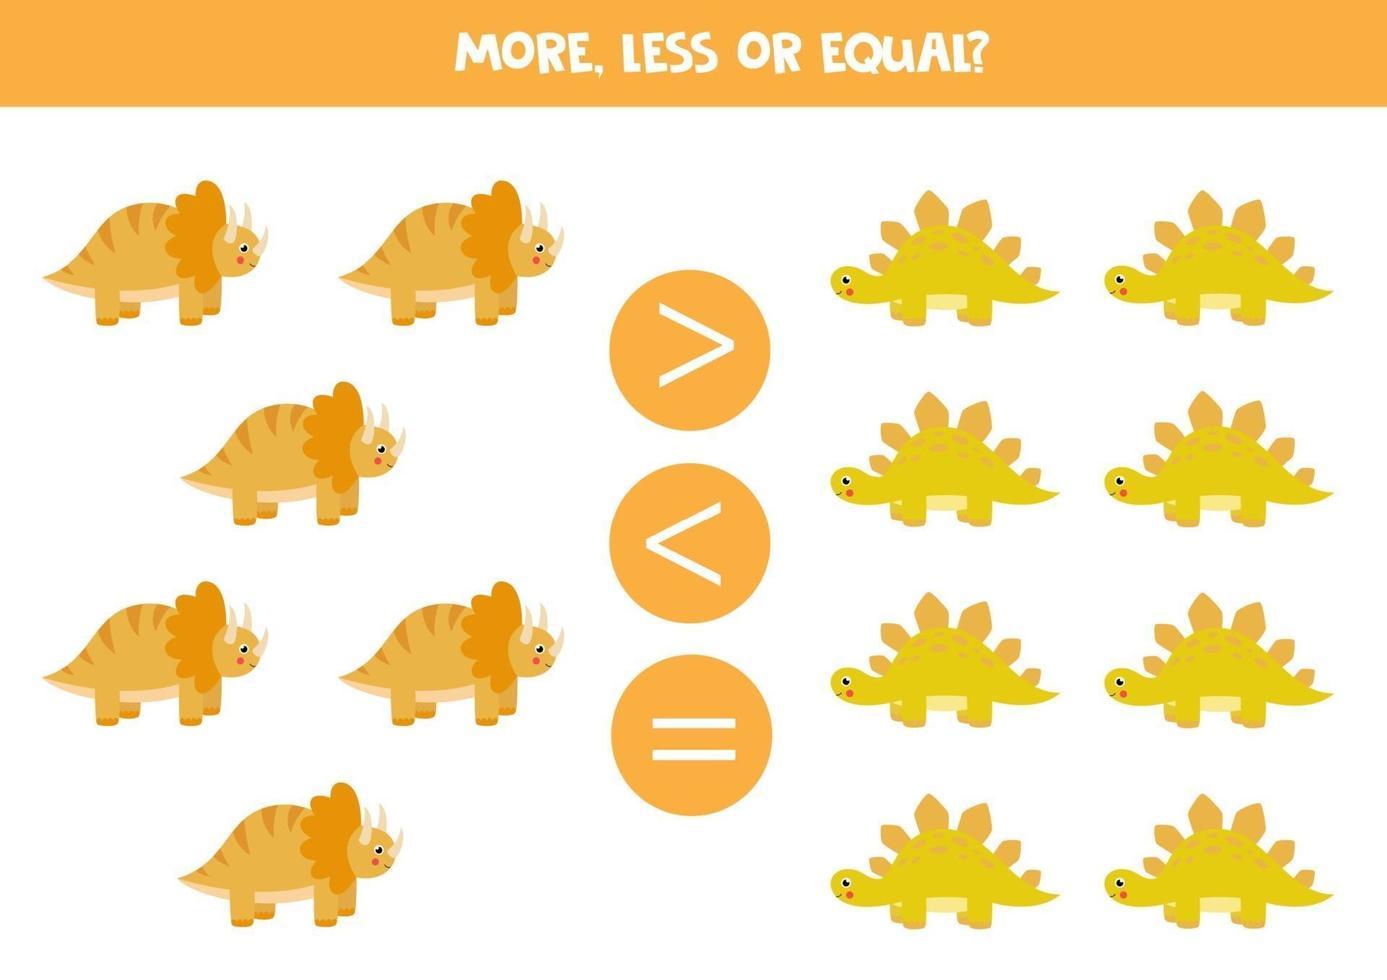 meer, minder, gelijk aan schattige dinosaurussen. wiskunde spel. vector